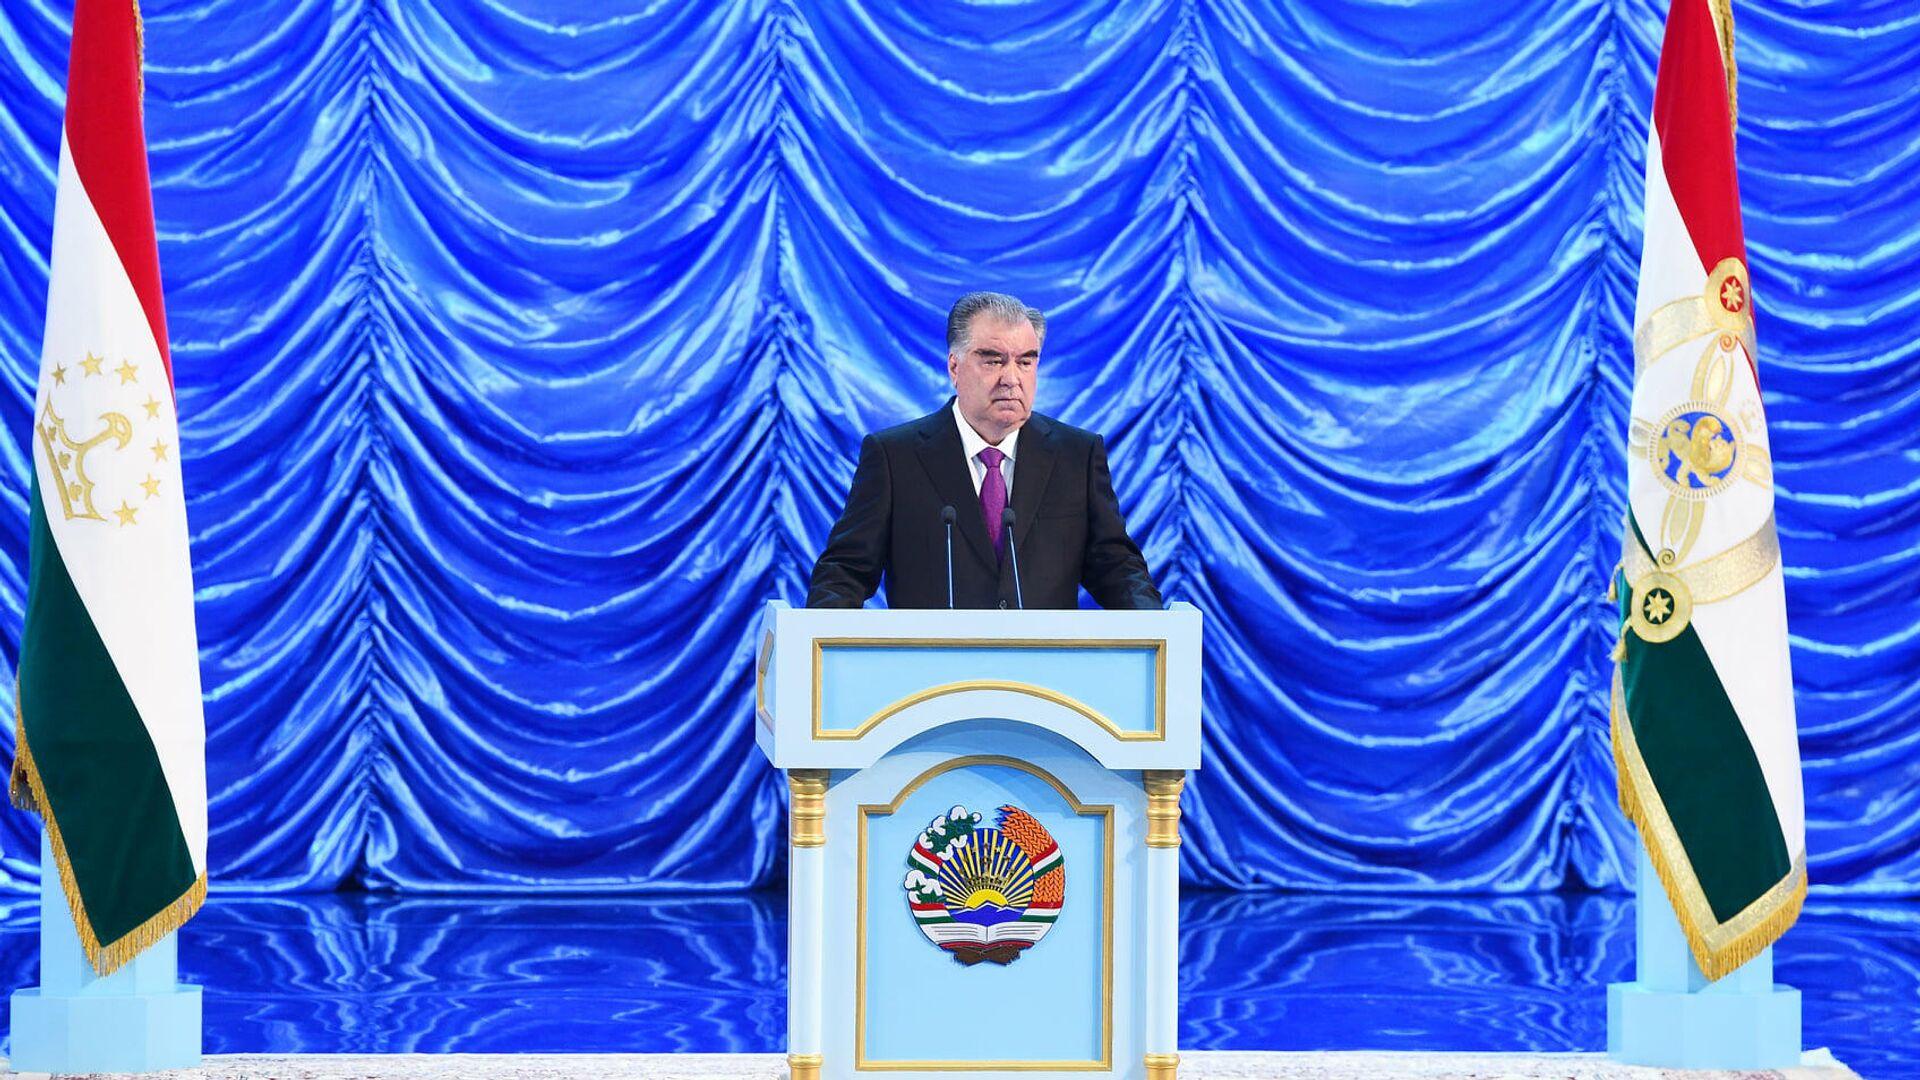 Президент Таджикистана Эмомали Рахмон - Sputnik Ўзбекистон, 1920, 17.09.2021